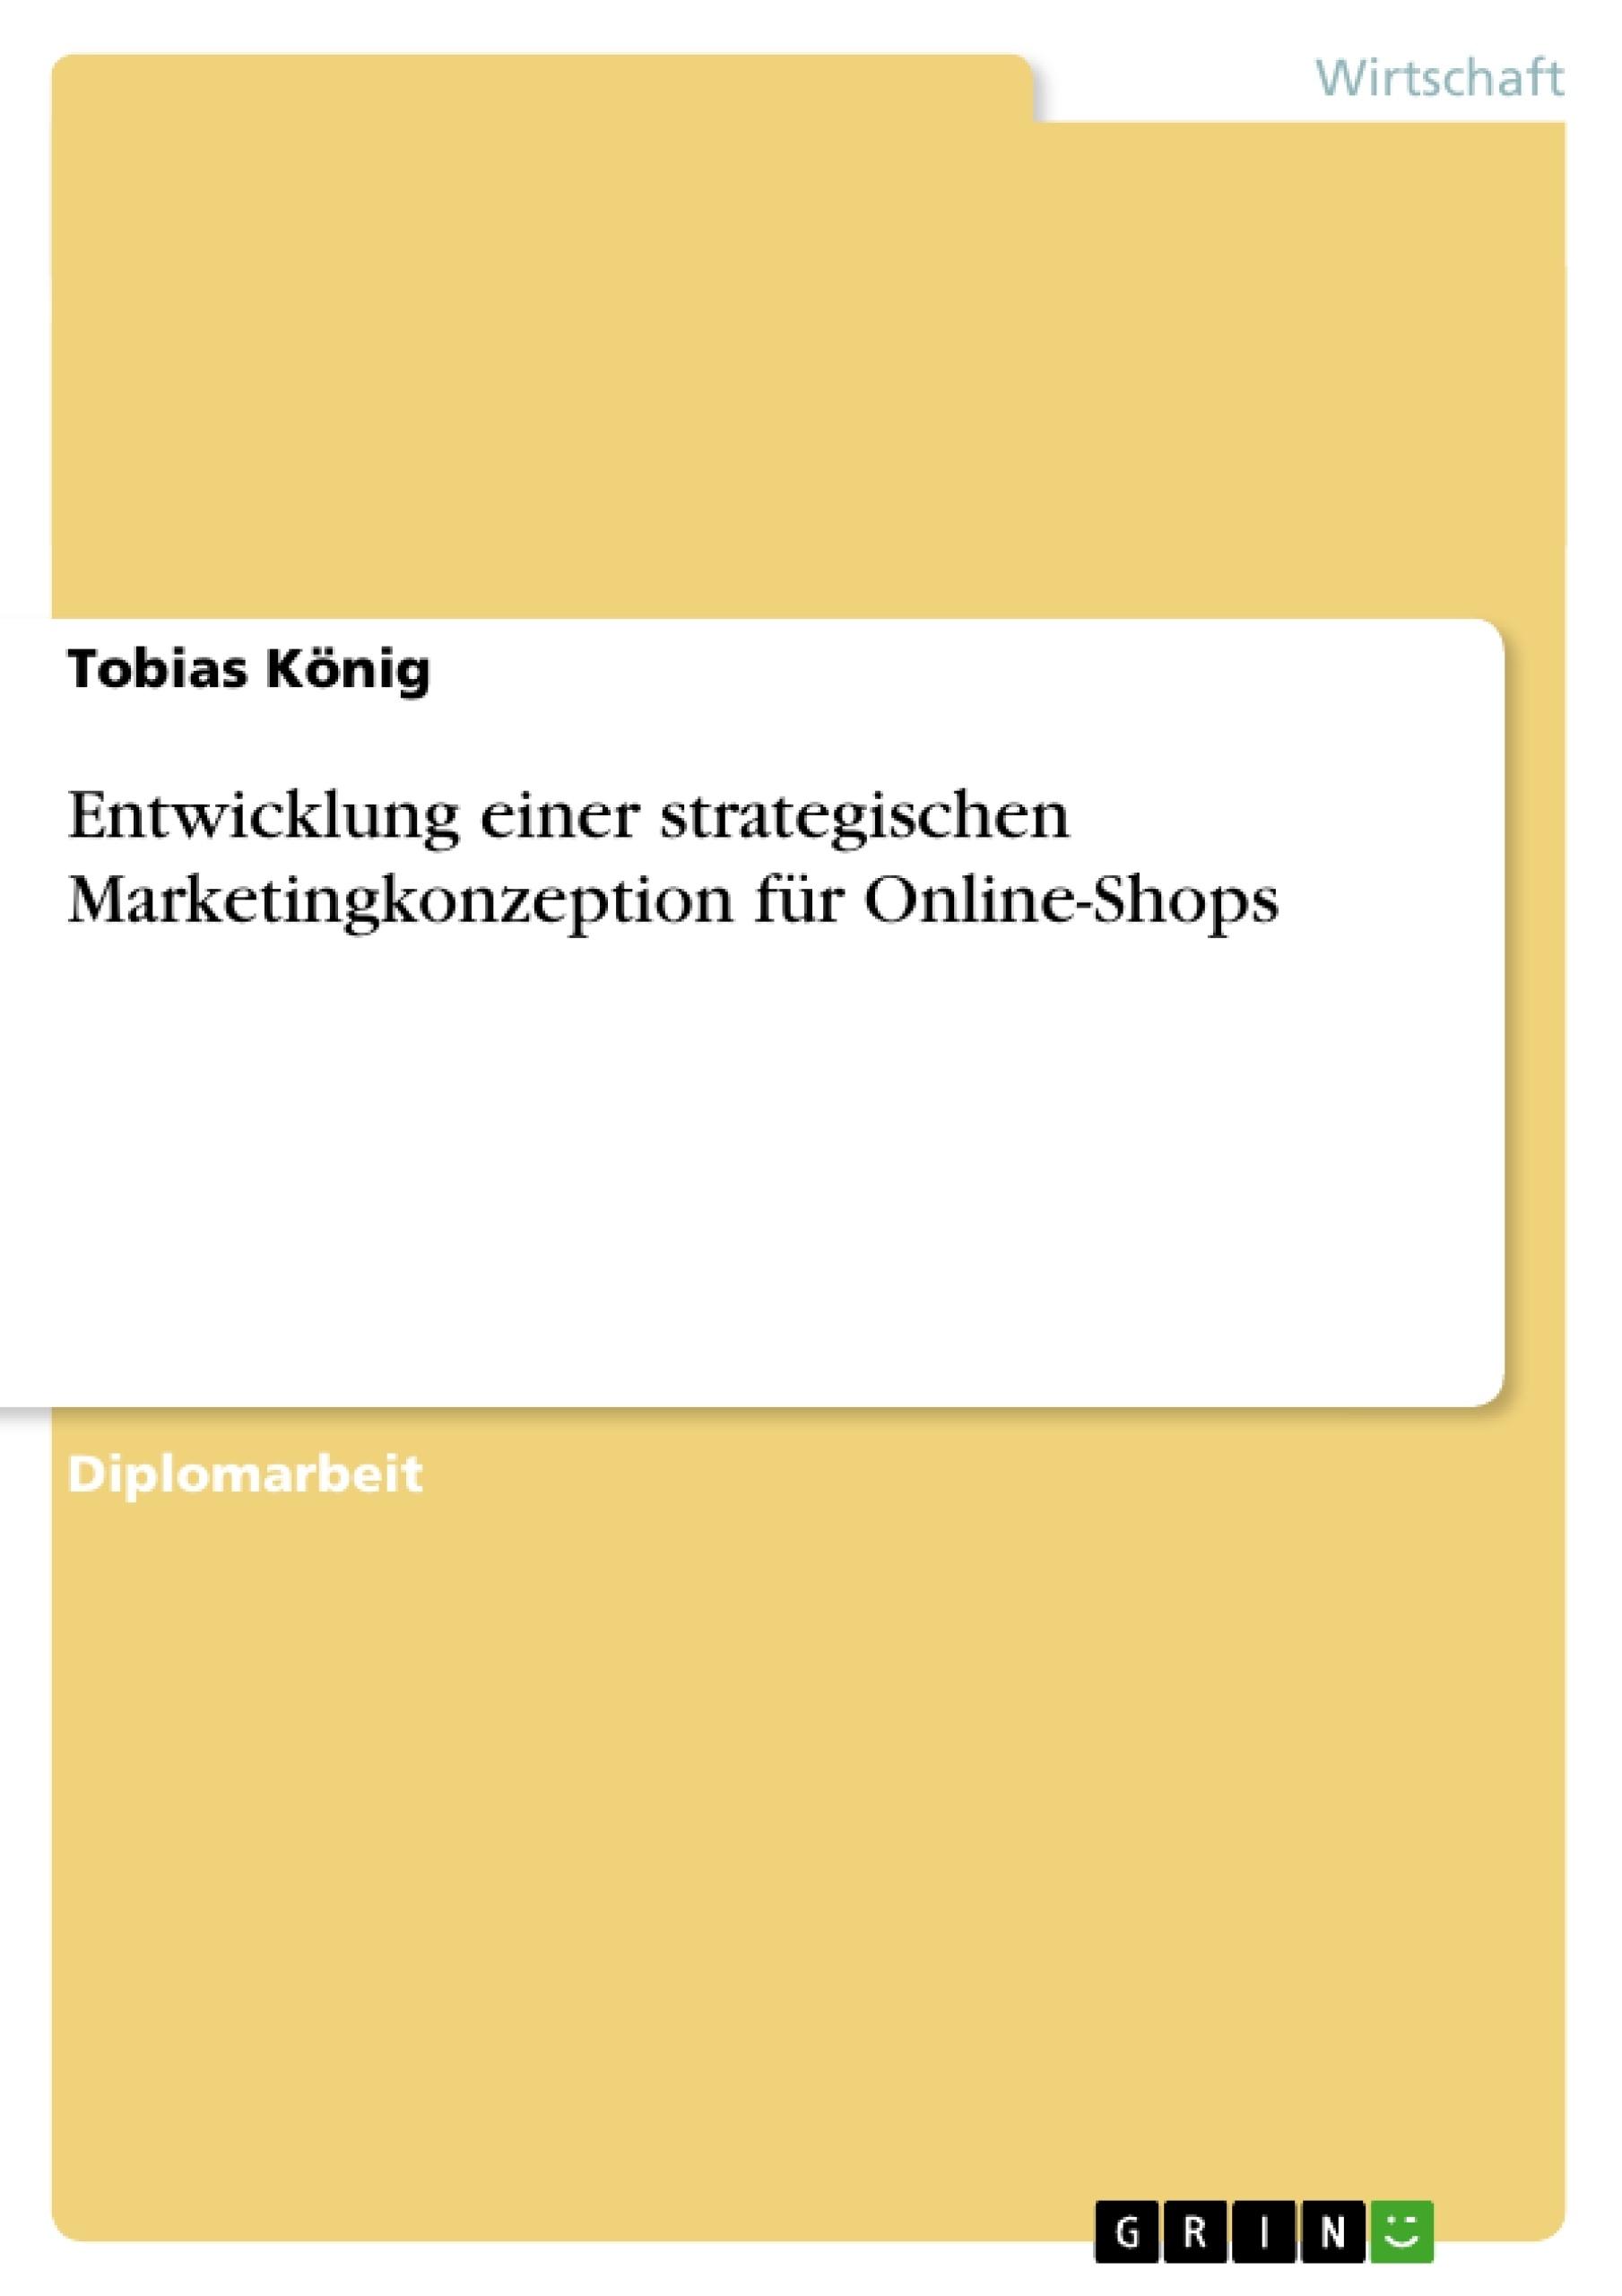 Titel: Entwicklung einer strategischen Marketingkonzeption für Online-Shops